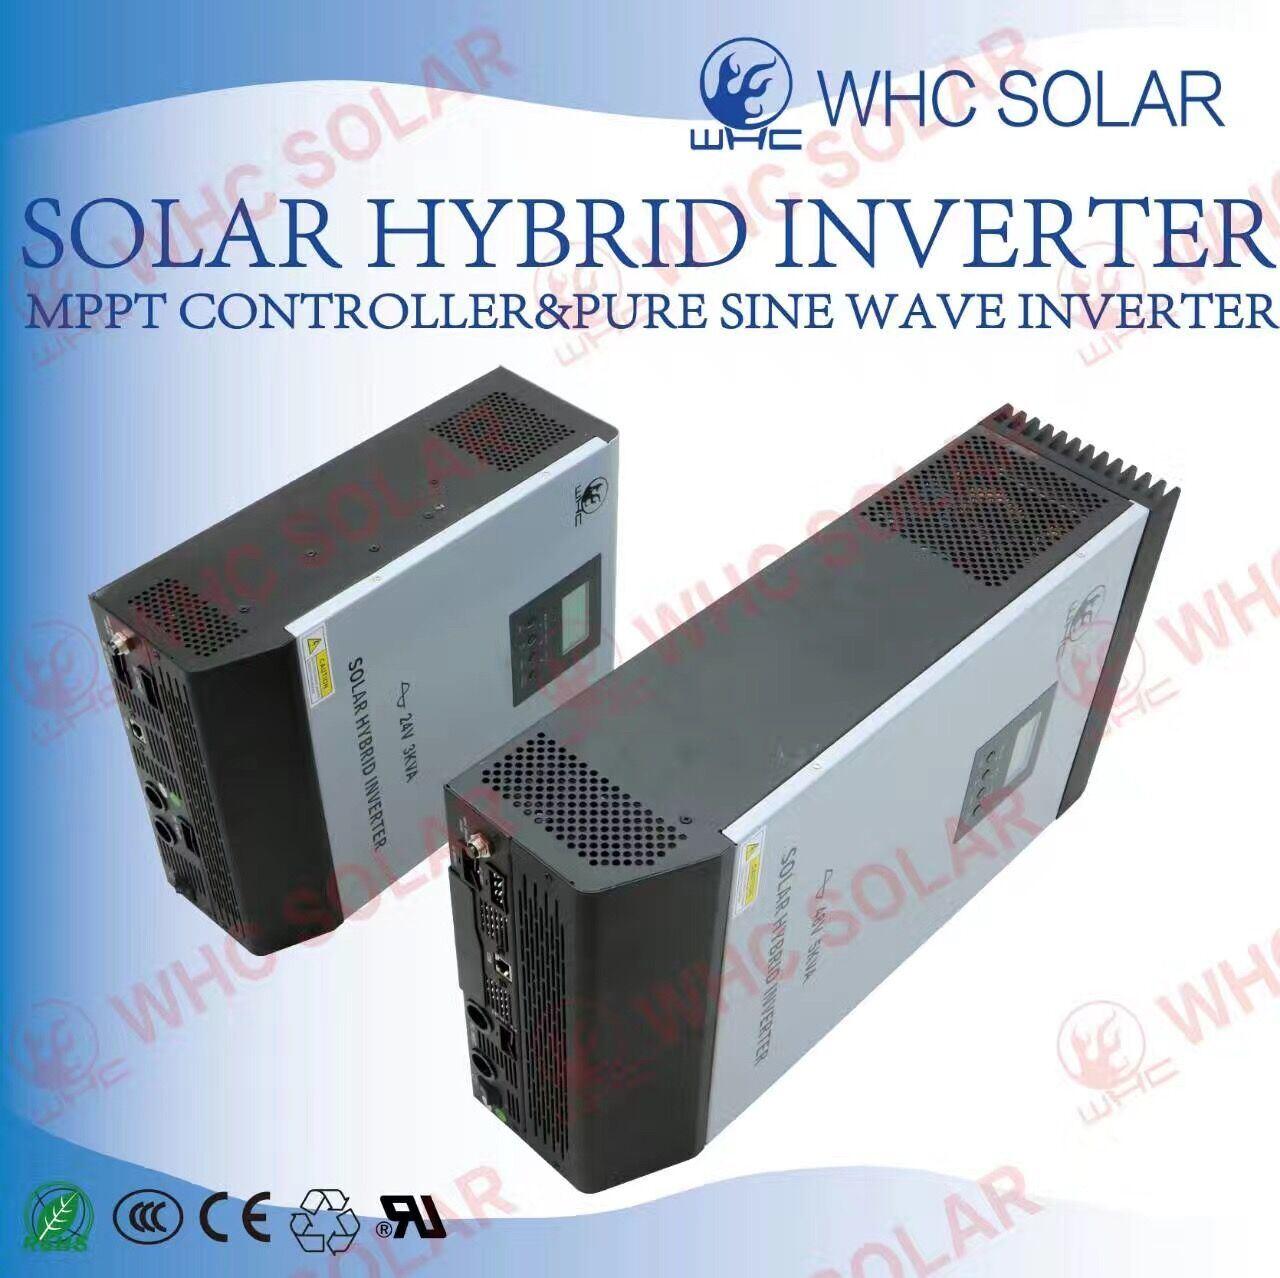 Built in MPPT 3000va Output Power Hybrid Solar Inverter